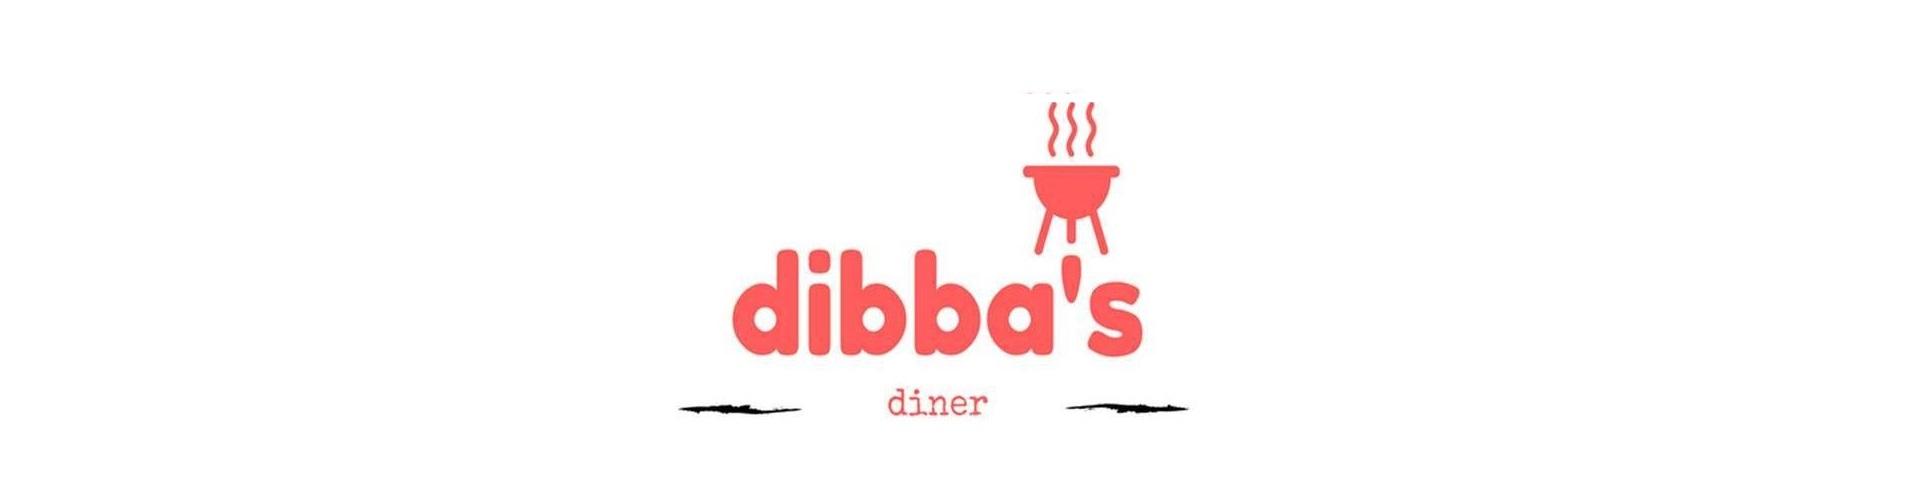 fa2ff50f01 Dibbas Diner Étterem - Rendelés és házhozszállítás Debrecen | Menu24